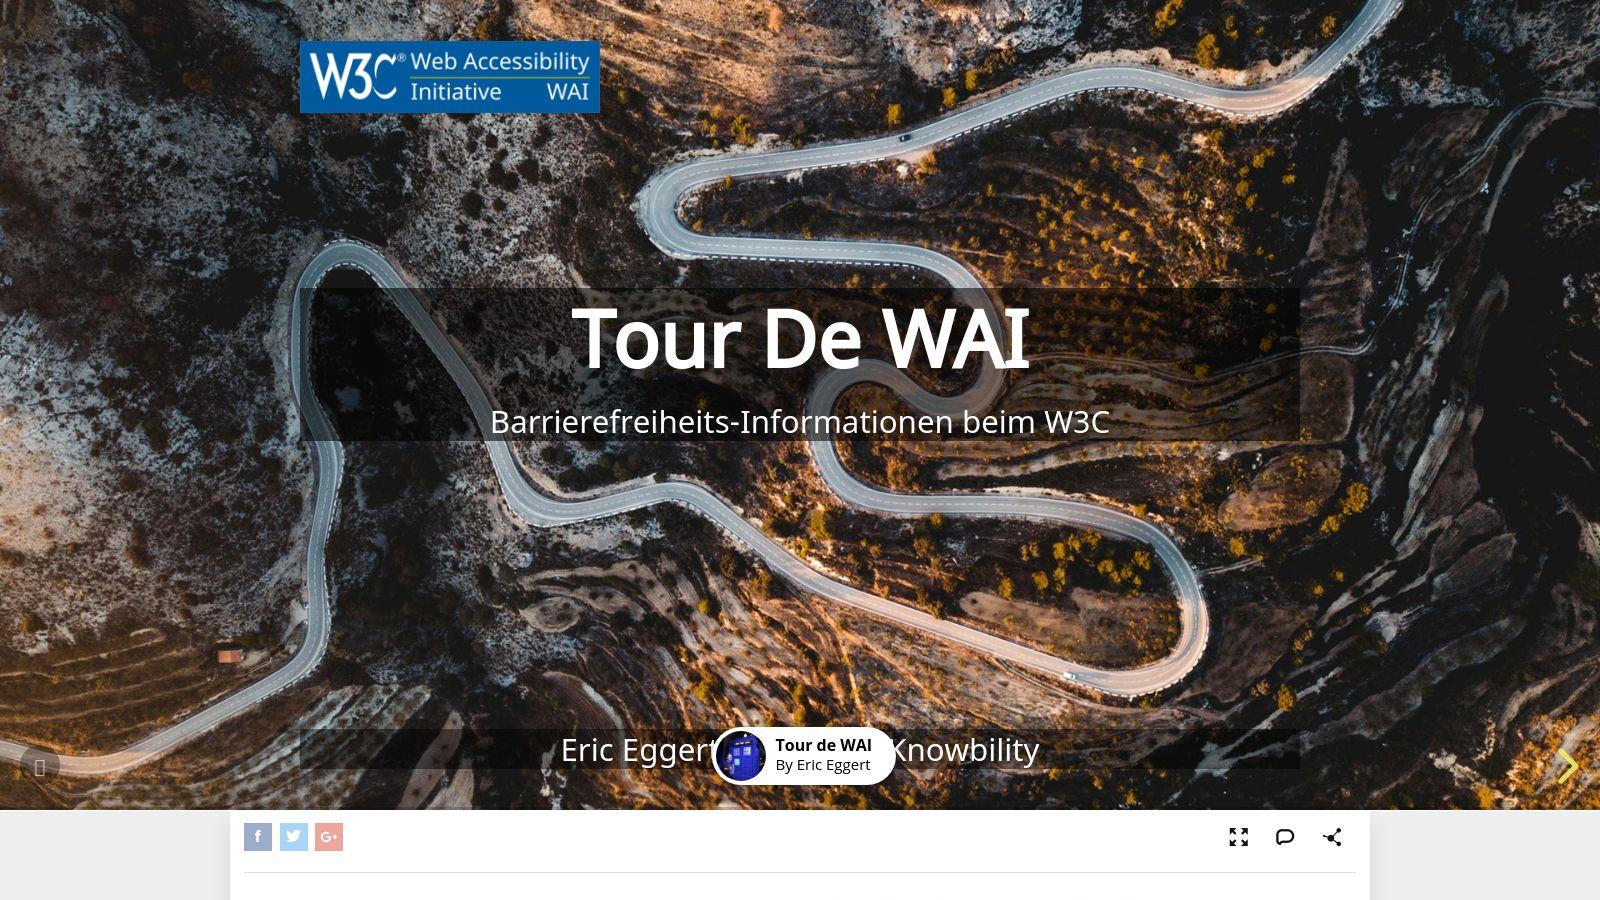 Tour de WAI